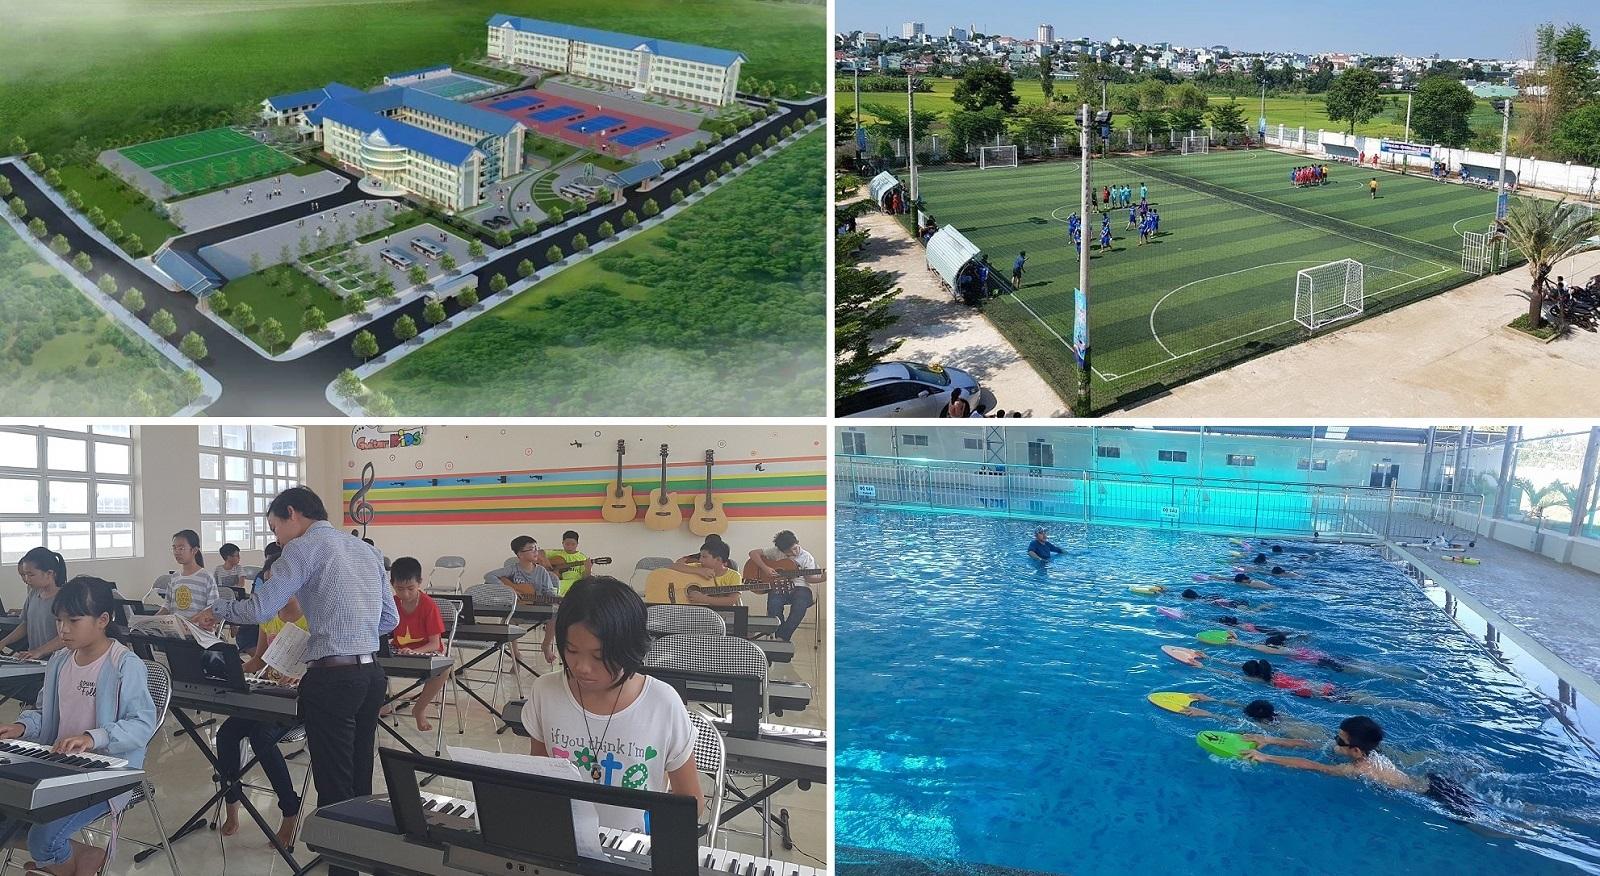 """Ngôi trường đầu tiên ở Gia Lai đưa """"Bơi và Kỹ năng sống"""" vào giảng dạy, tuyển sinh năm học 2018-2019"""